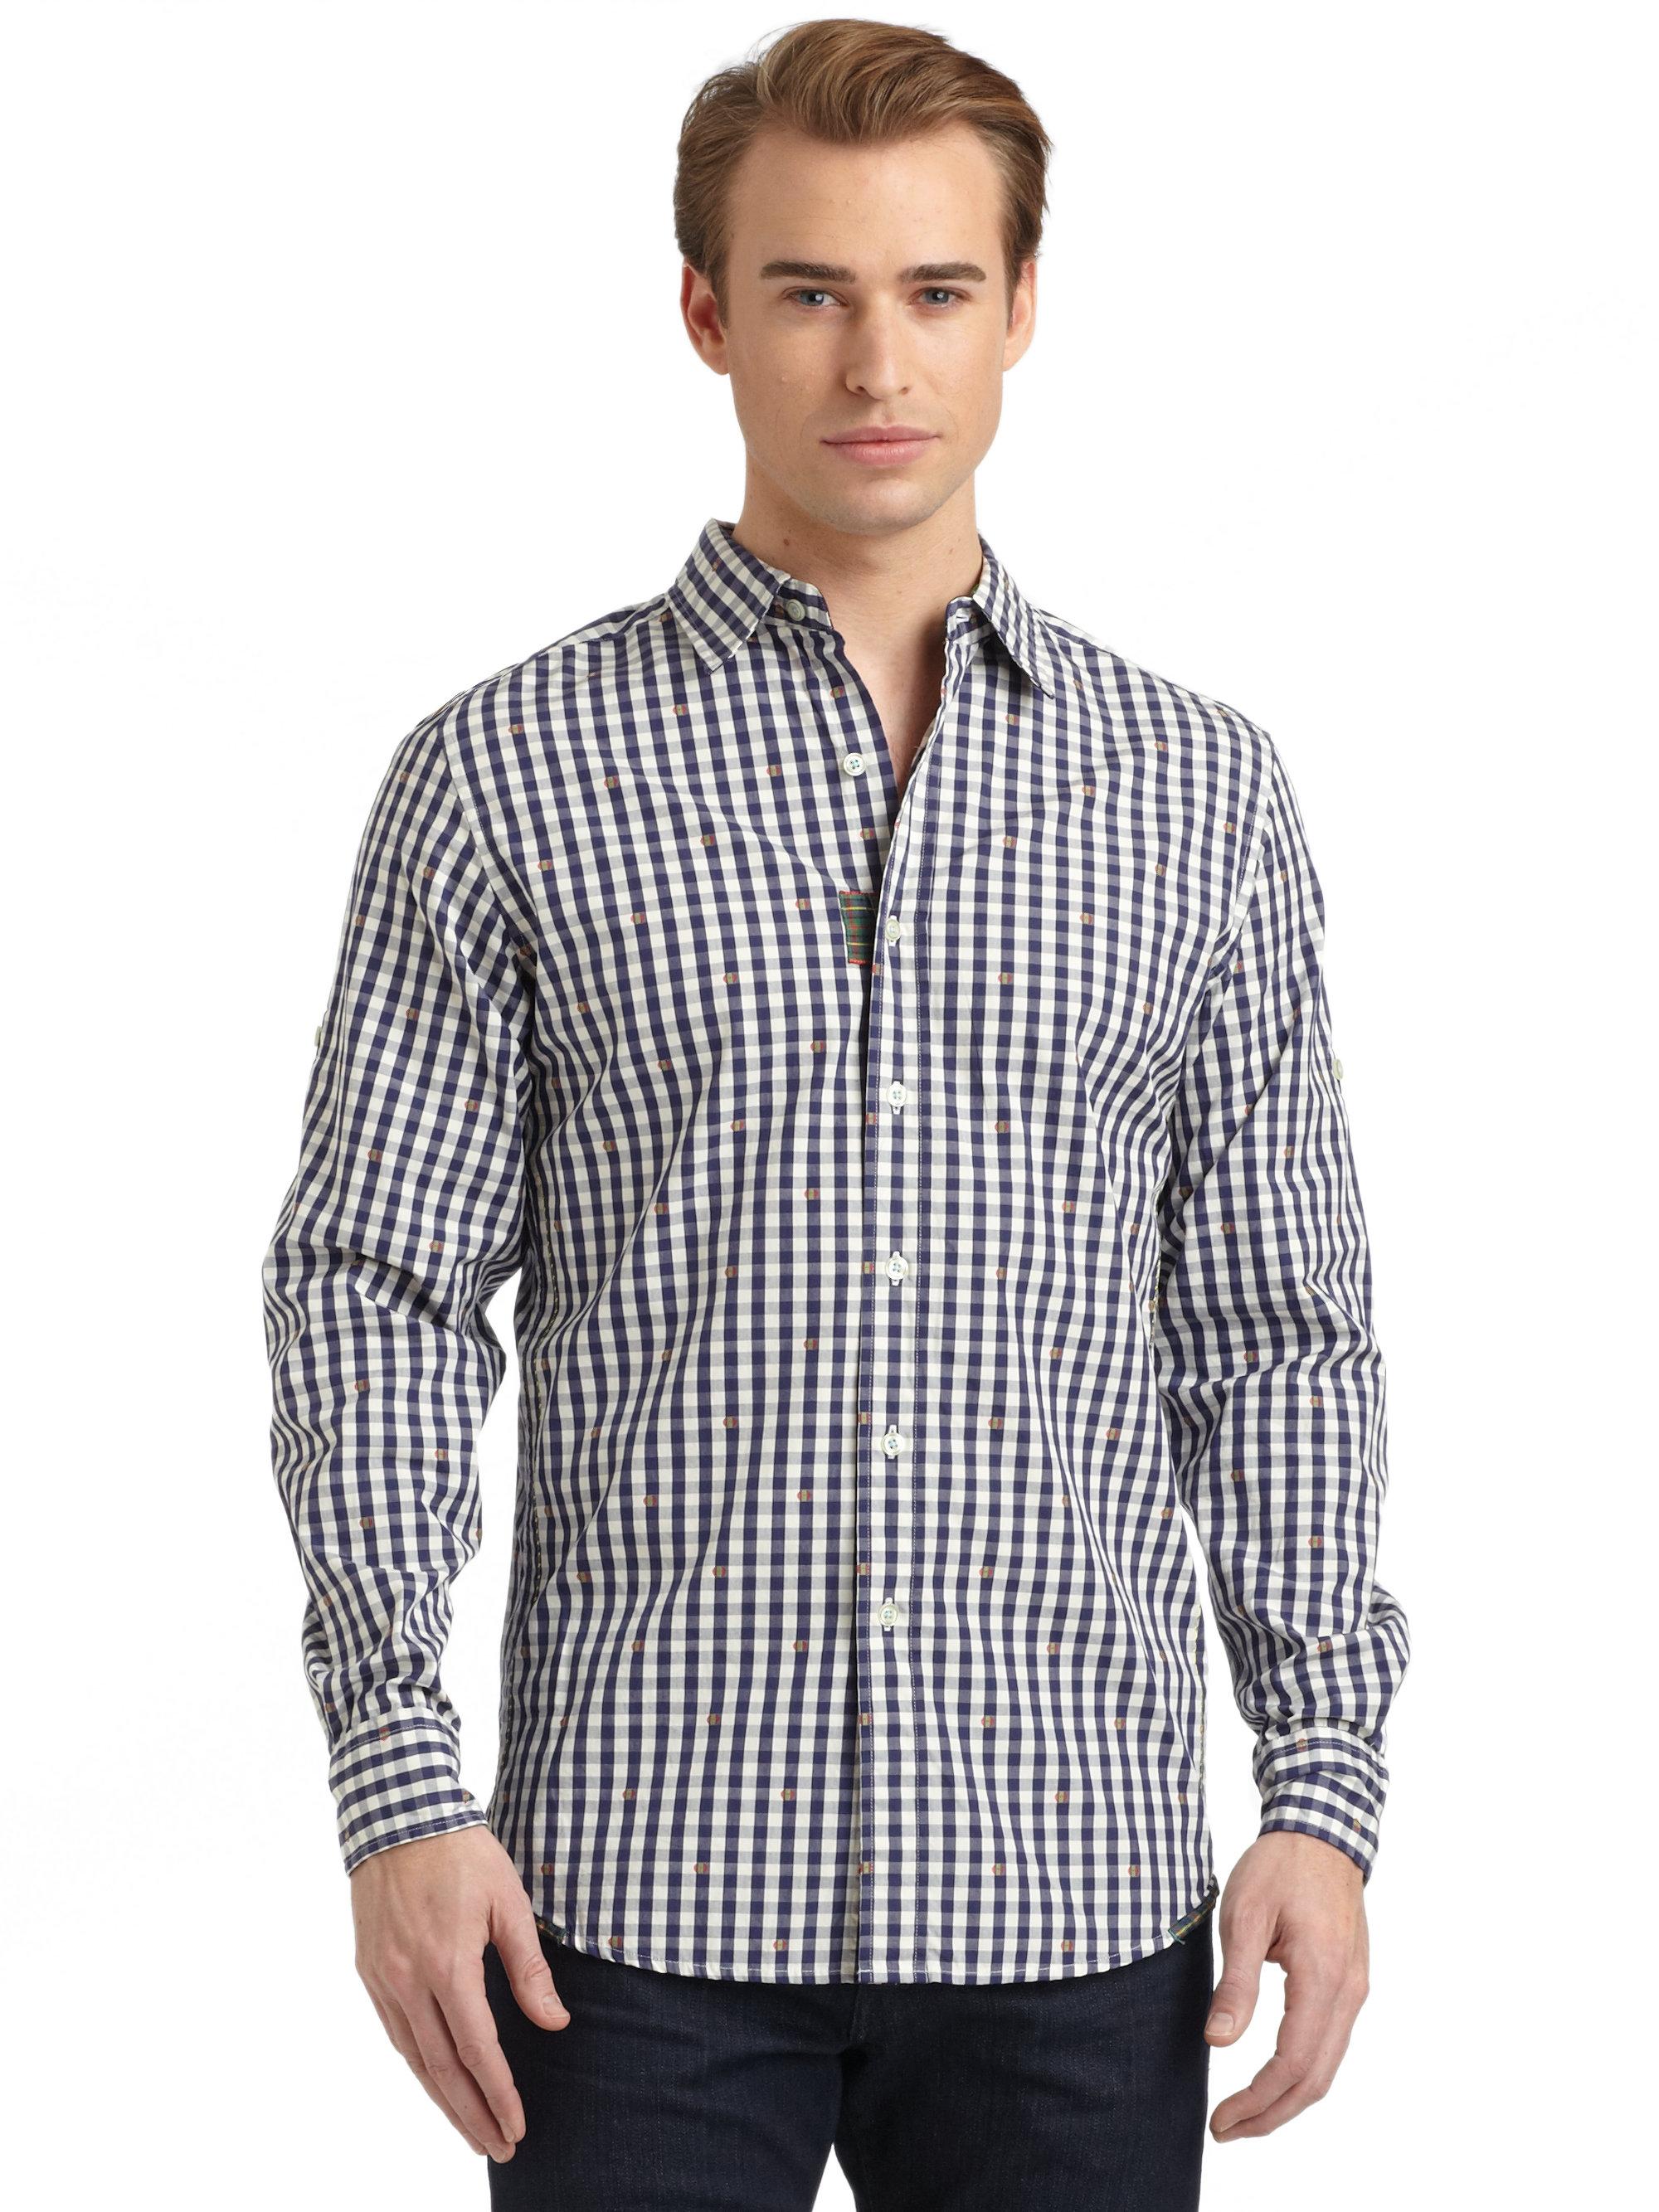 Robert graham woven cotton gingham button down shirt in for Blue gingham button down shirt